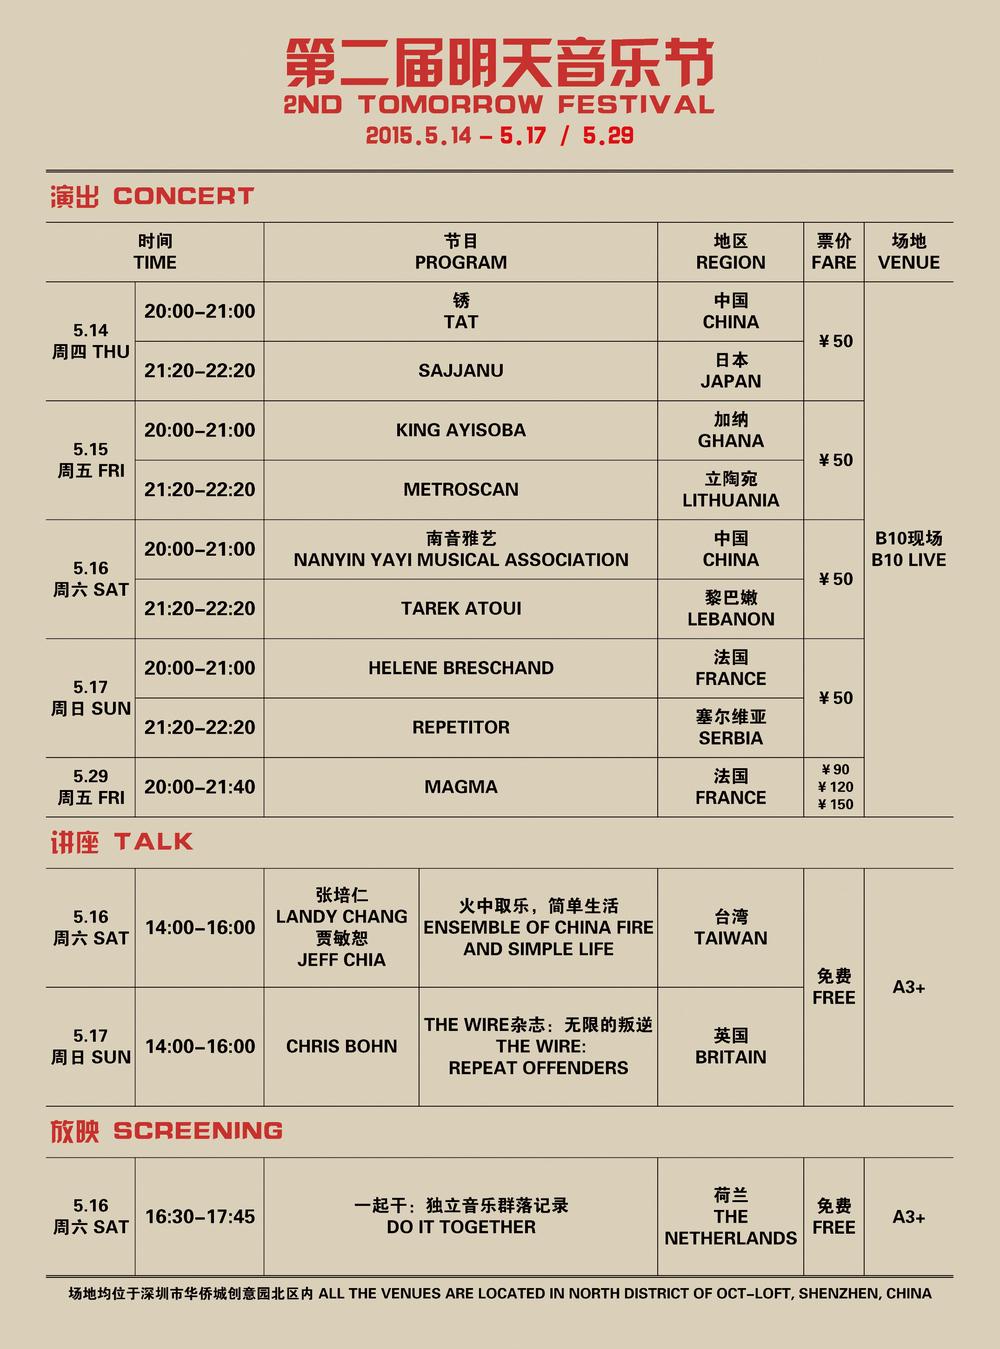 第二届明天音乐节排期 2nd Tomorrow Festival Schedule